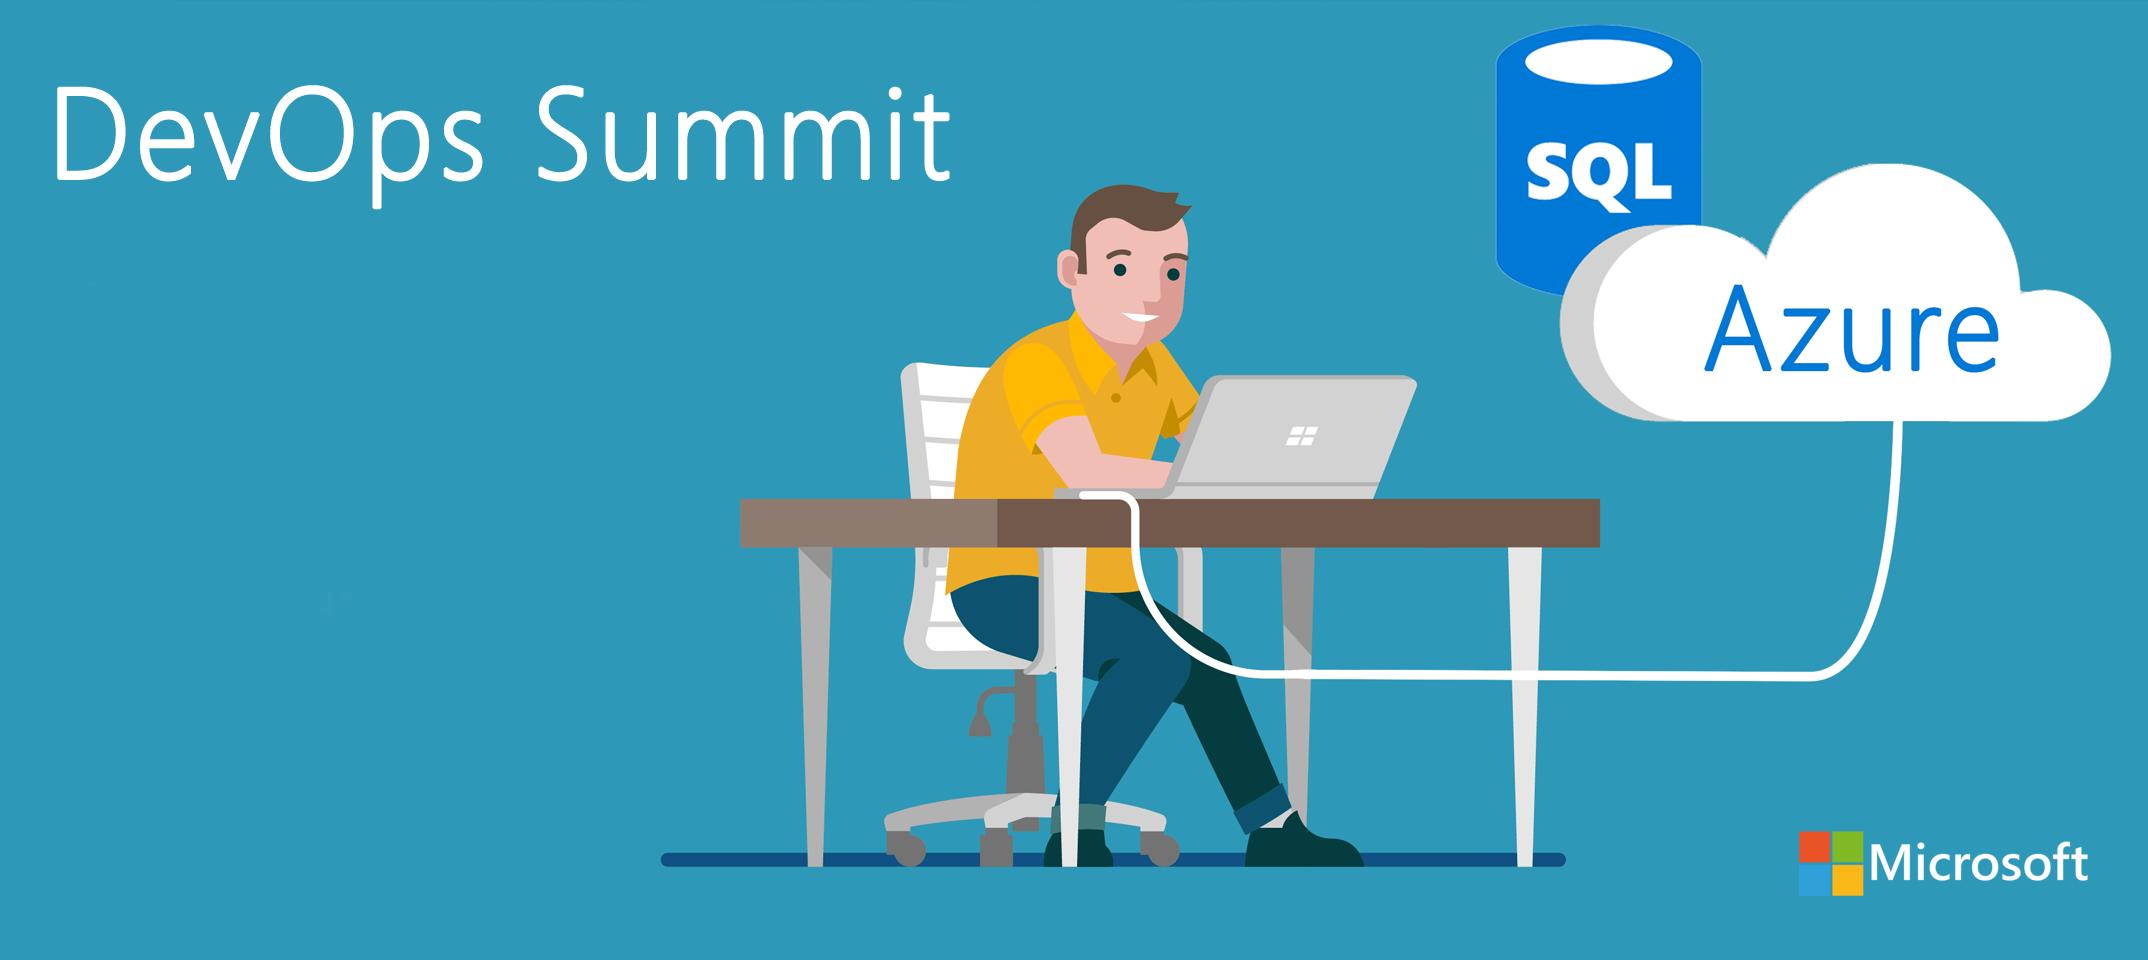 Всё о Microsoft Azure на DevOps Summit